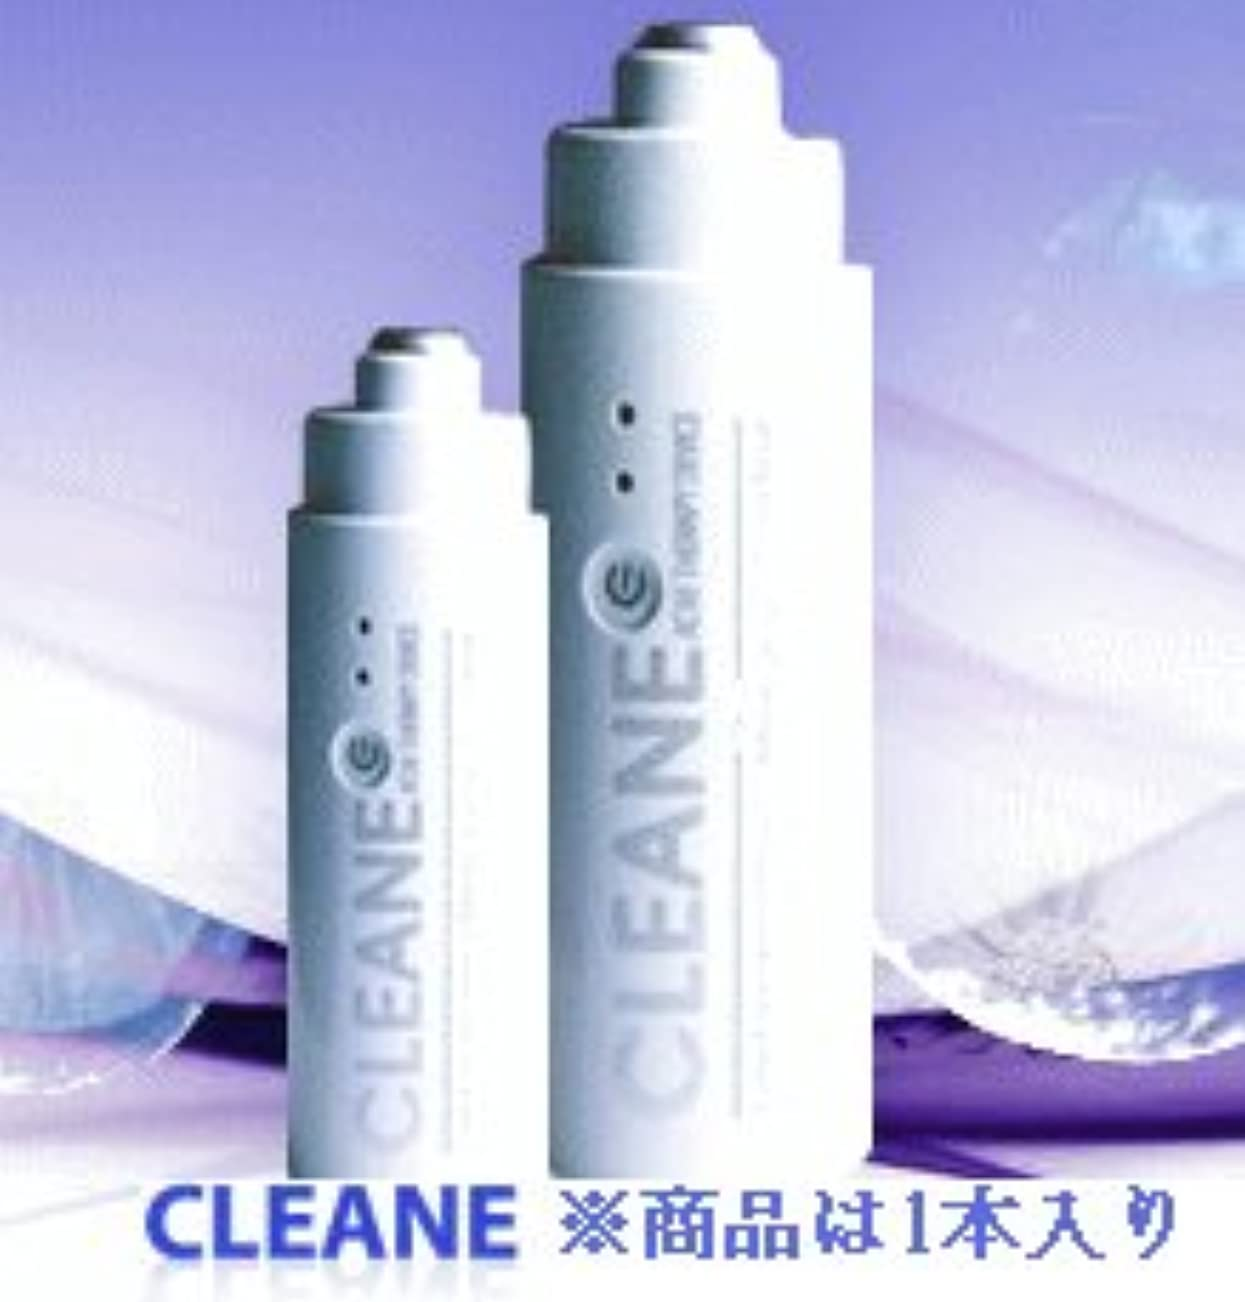 すりコミットメント財産LEDブルーライトとサーマルスポットシステムでニキビケア クリアネ CLEANE